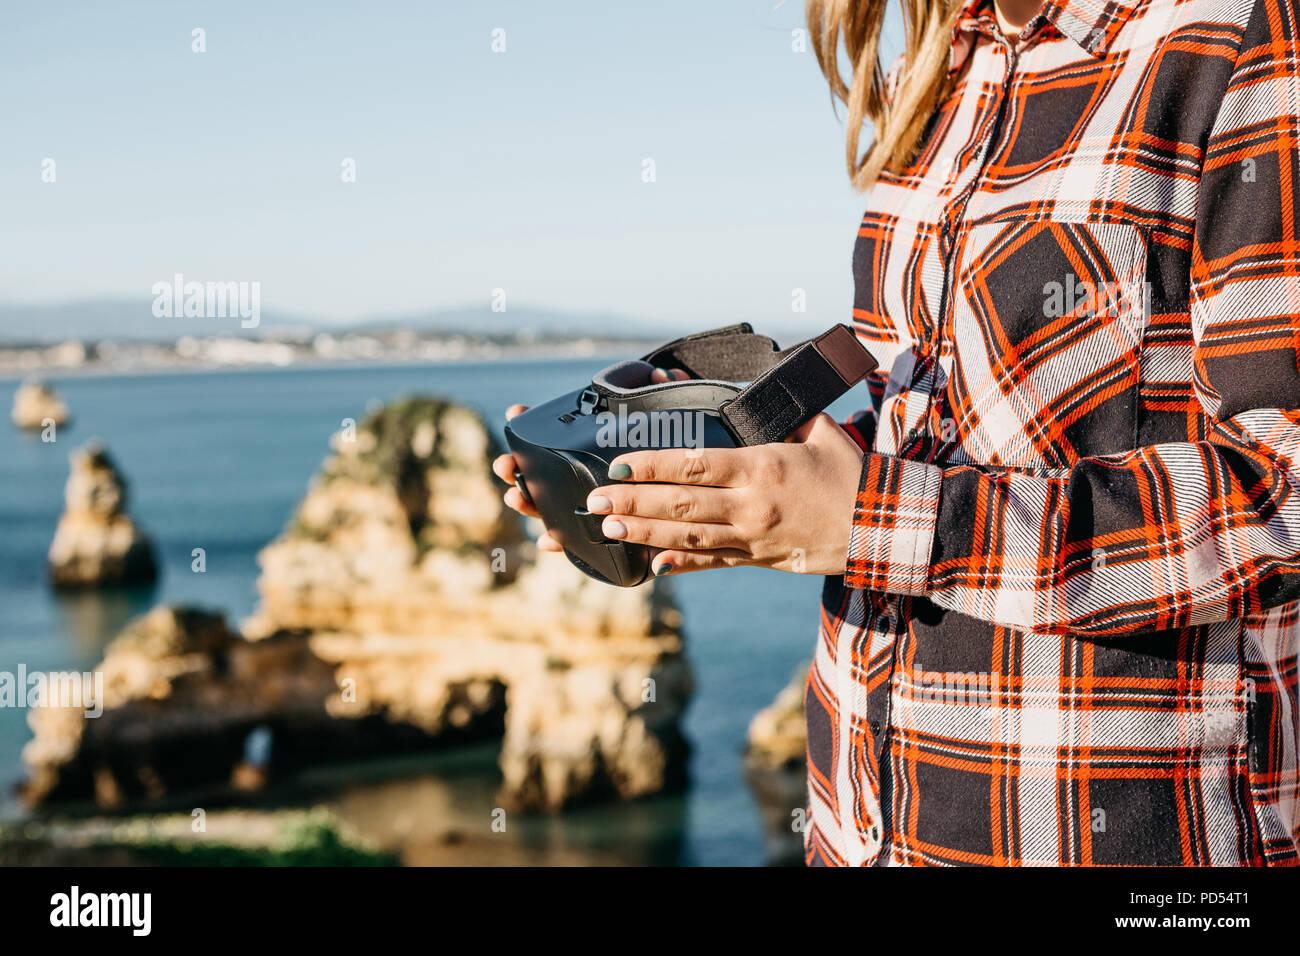 La fille est maintenant réalité virtuelle verres et va les mettre sur. La photographie conceptuelle de voyage virtuel ou le tourisme. La technologie moderne dans la vie quotidienne. Photo Stock